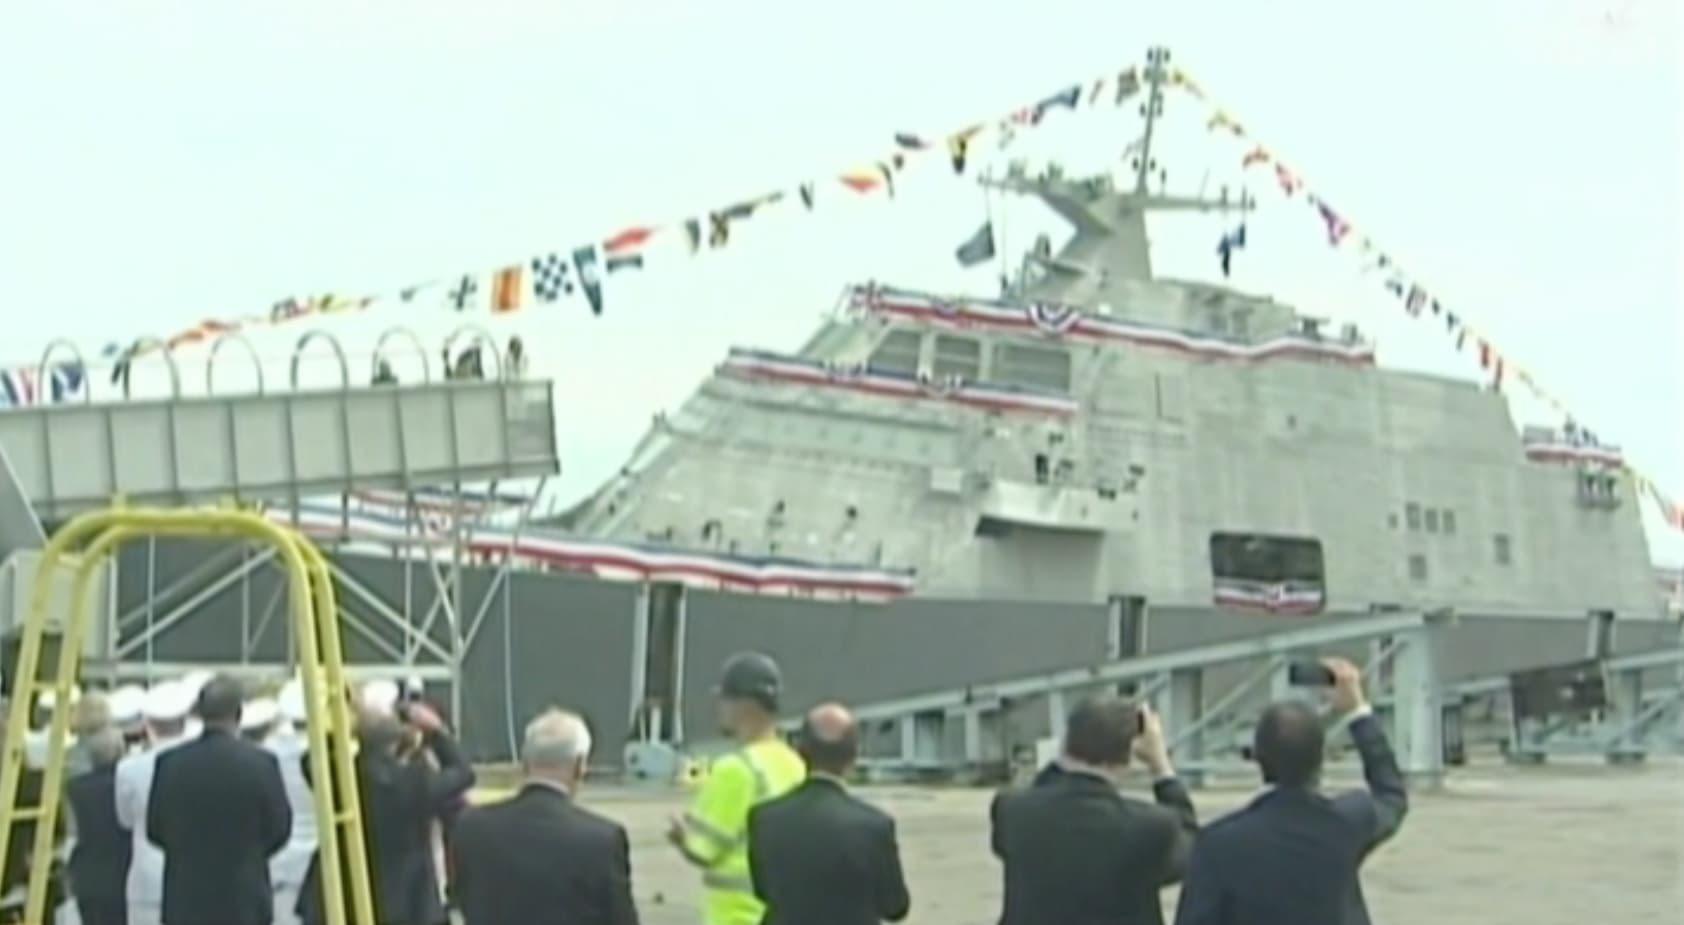 شاهد.. السفينة ليتيل روك.. سلاح البحرية الأمريكية الجديد